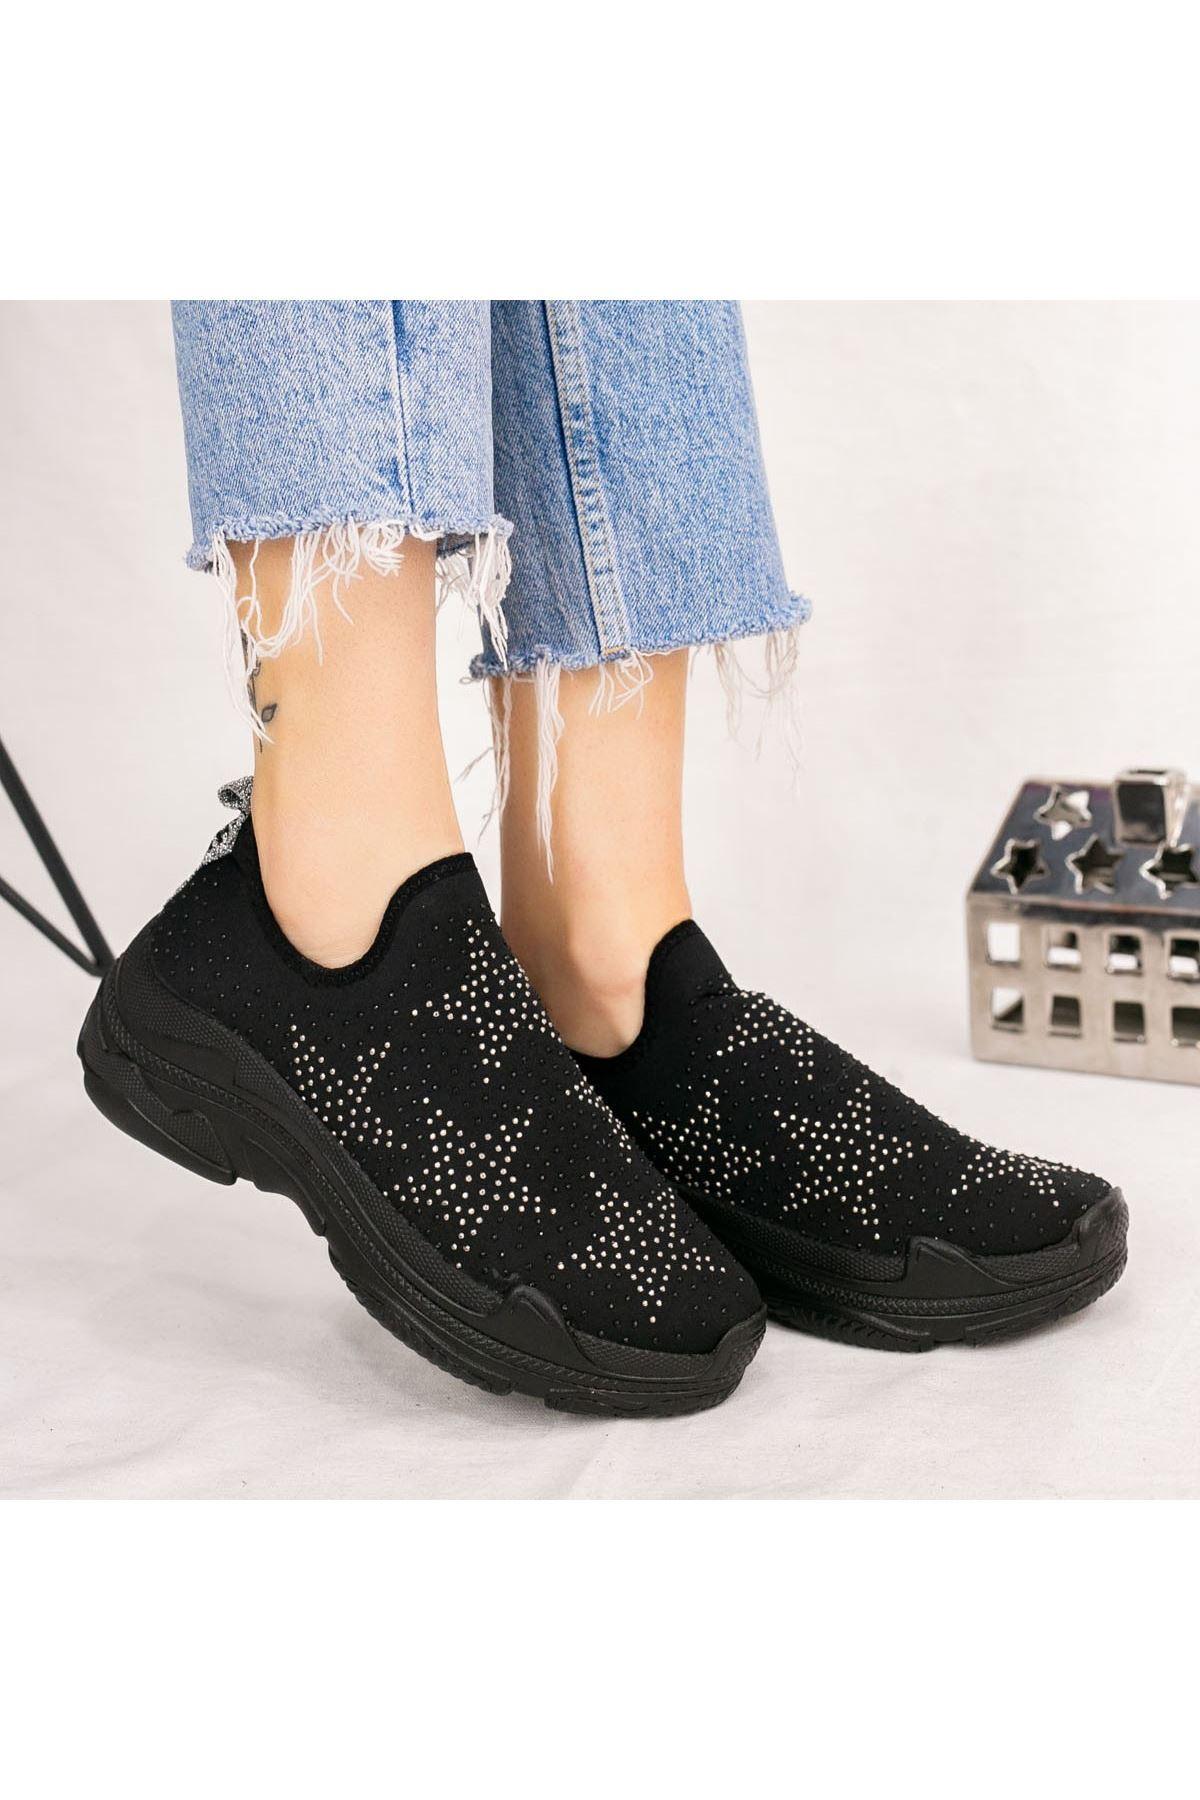 Peun Siyah Yıldız Boncuk İşlemeli Spor Ayakkabı